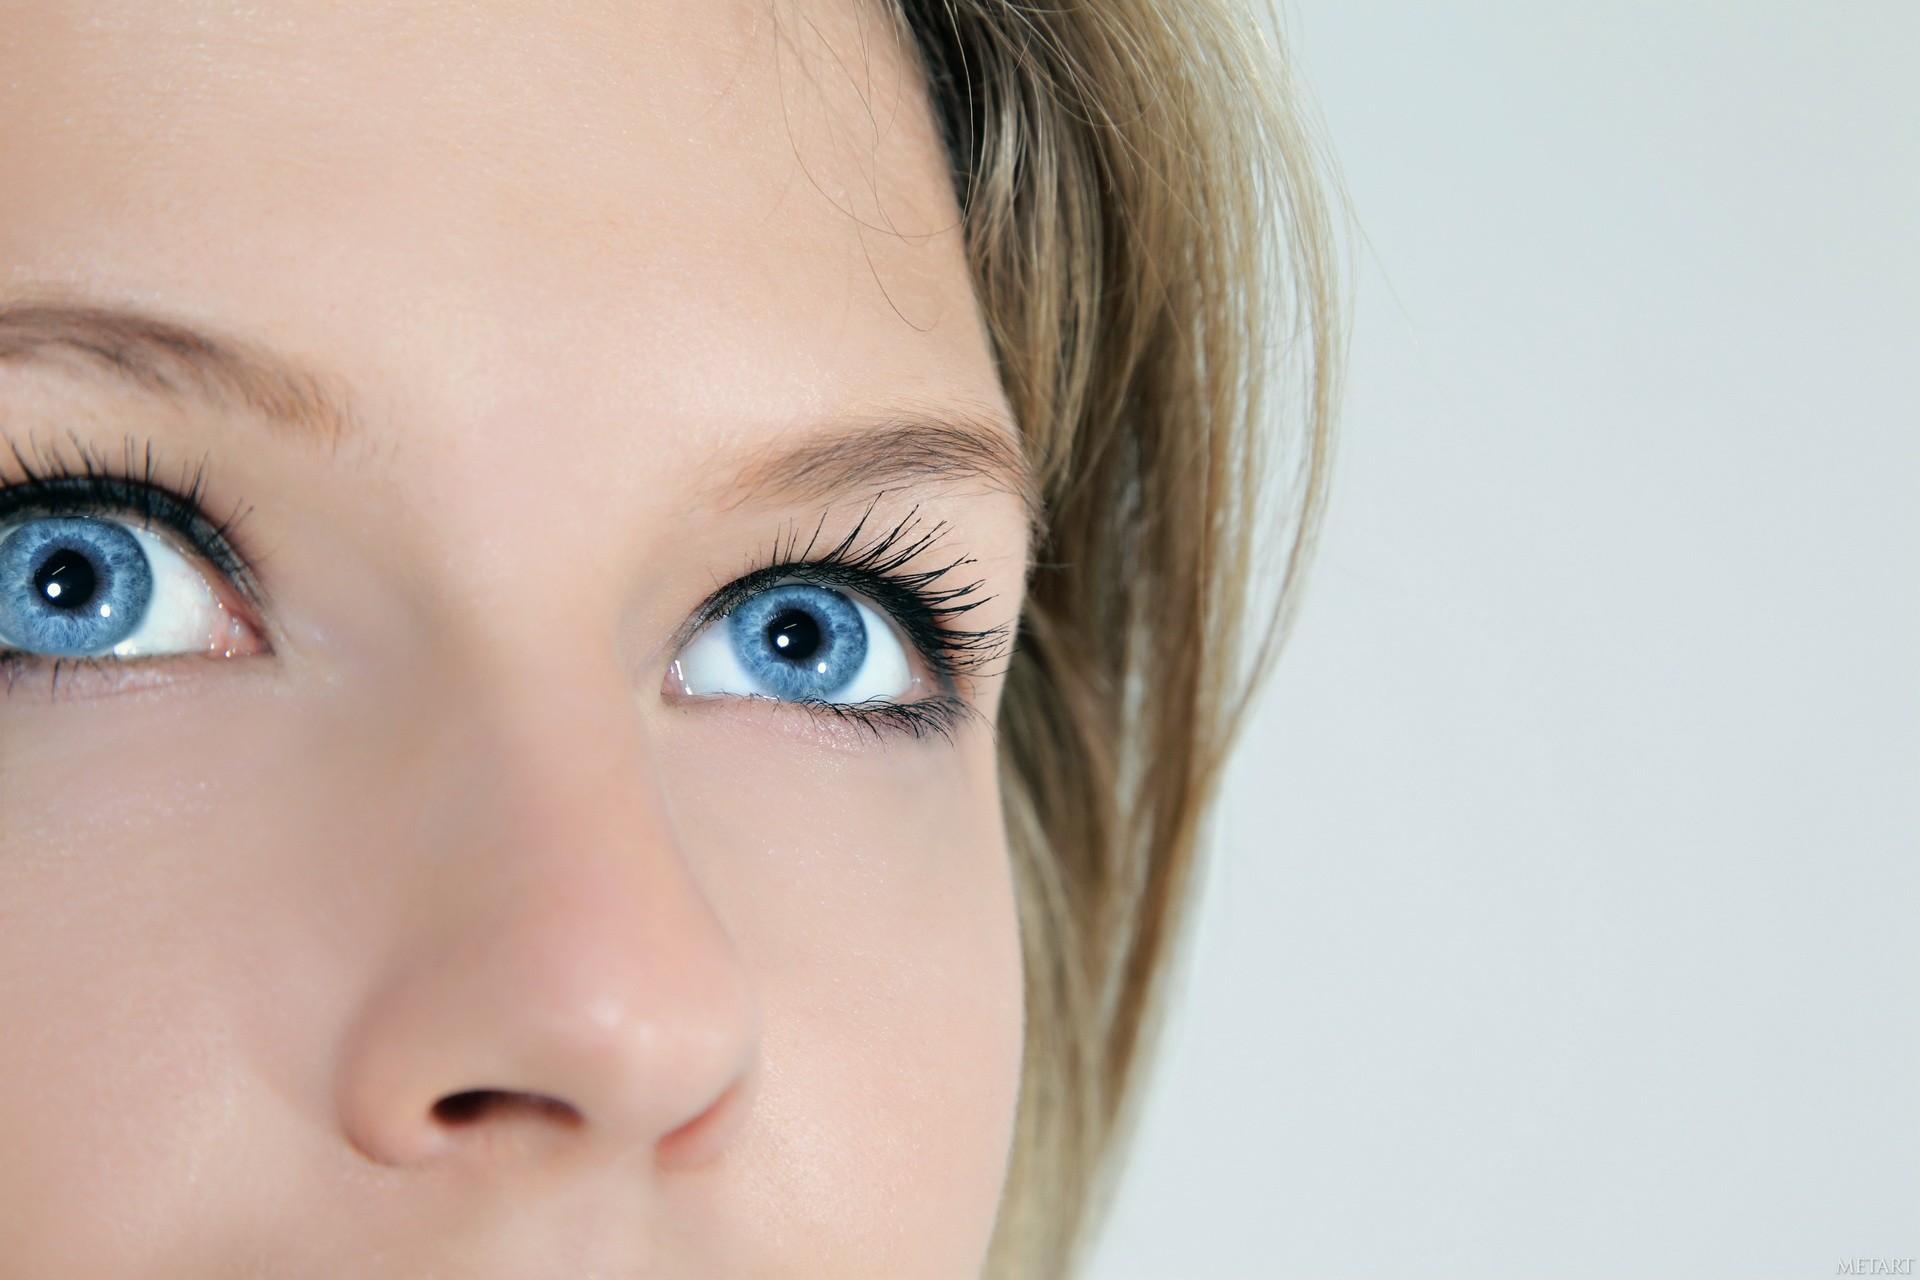 взгляд в профиль картинки глаза гроздевидные корки